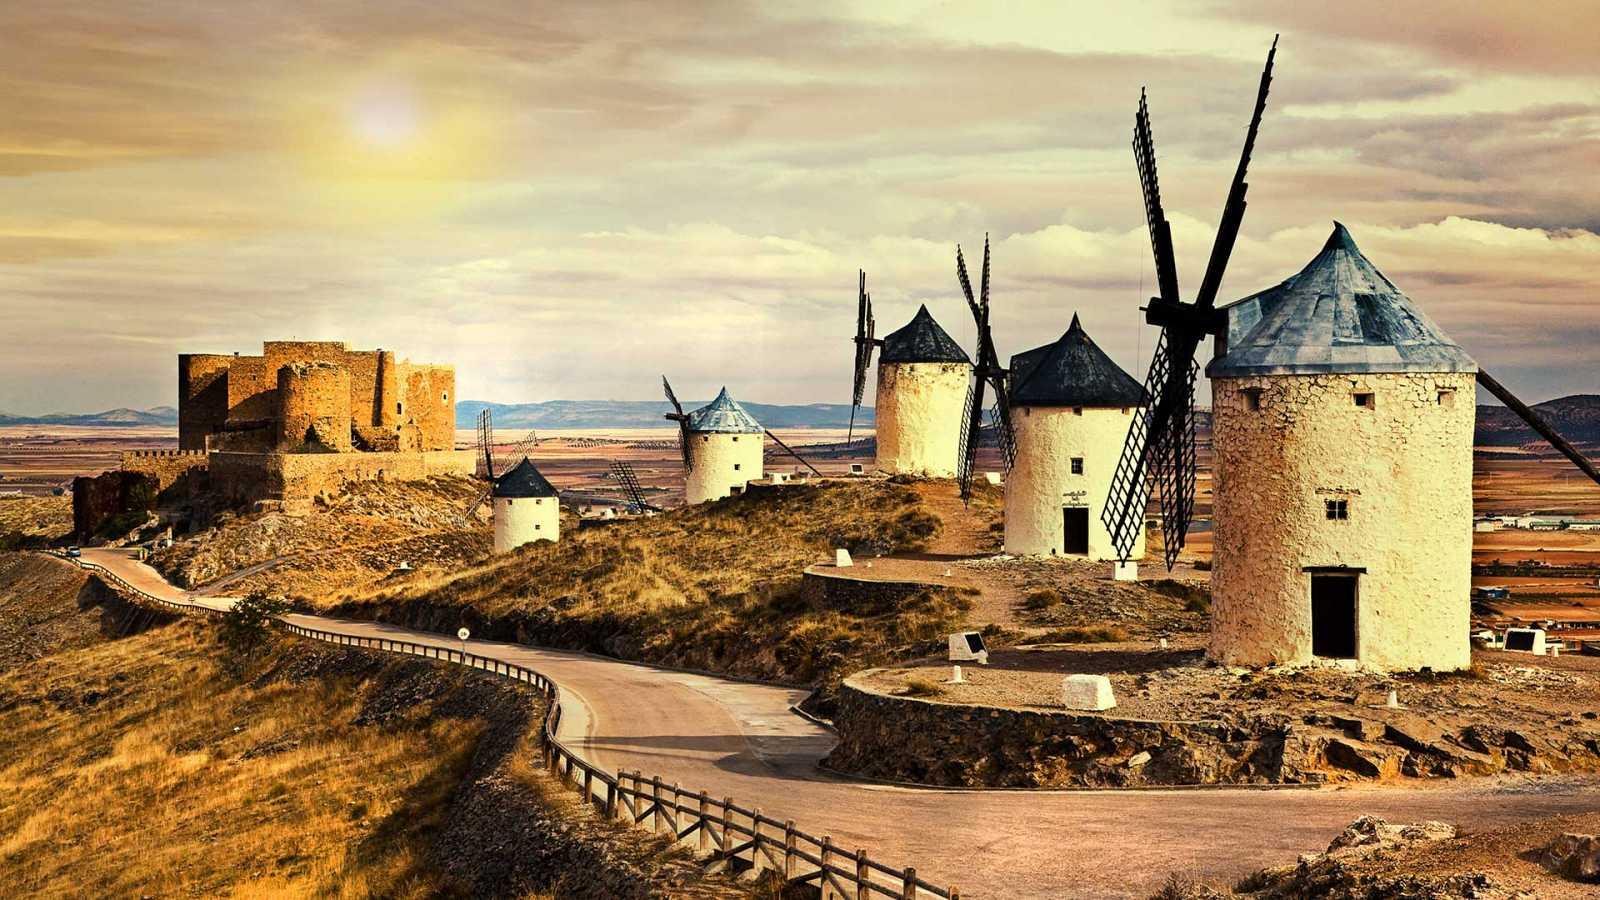 Comando al sol - Quijotes por naturaleza - Ver ahora